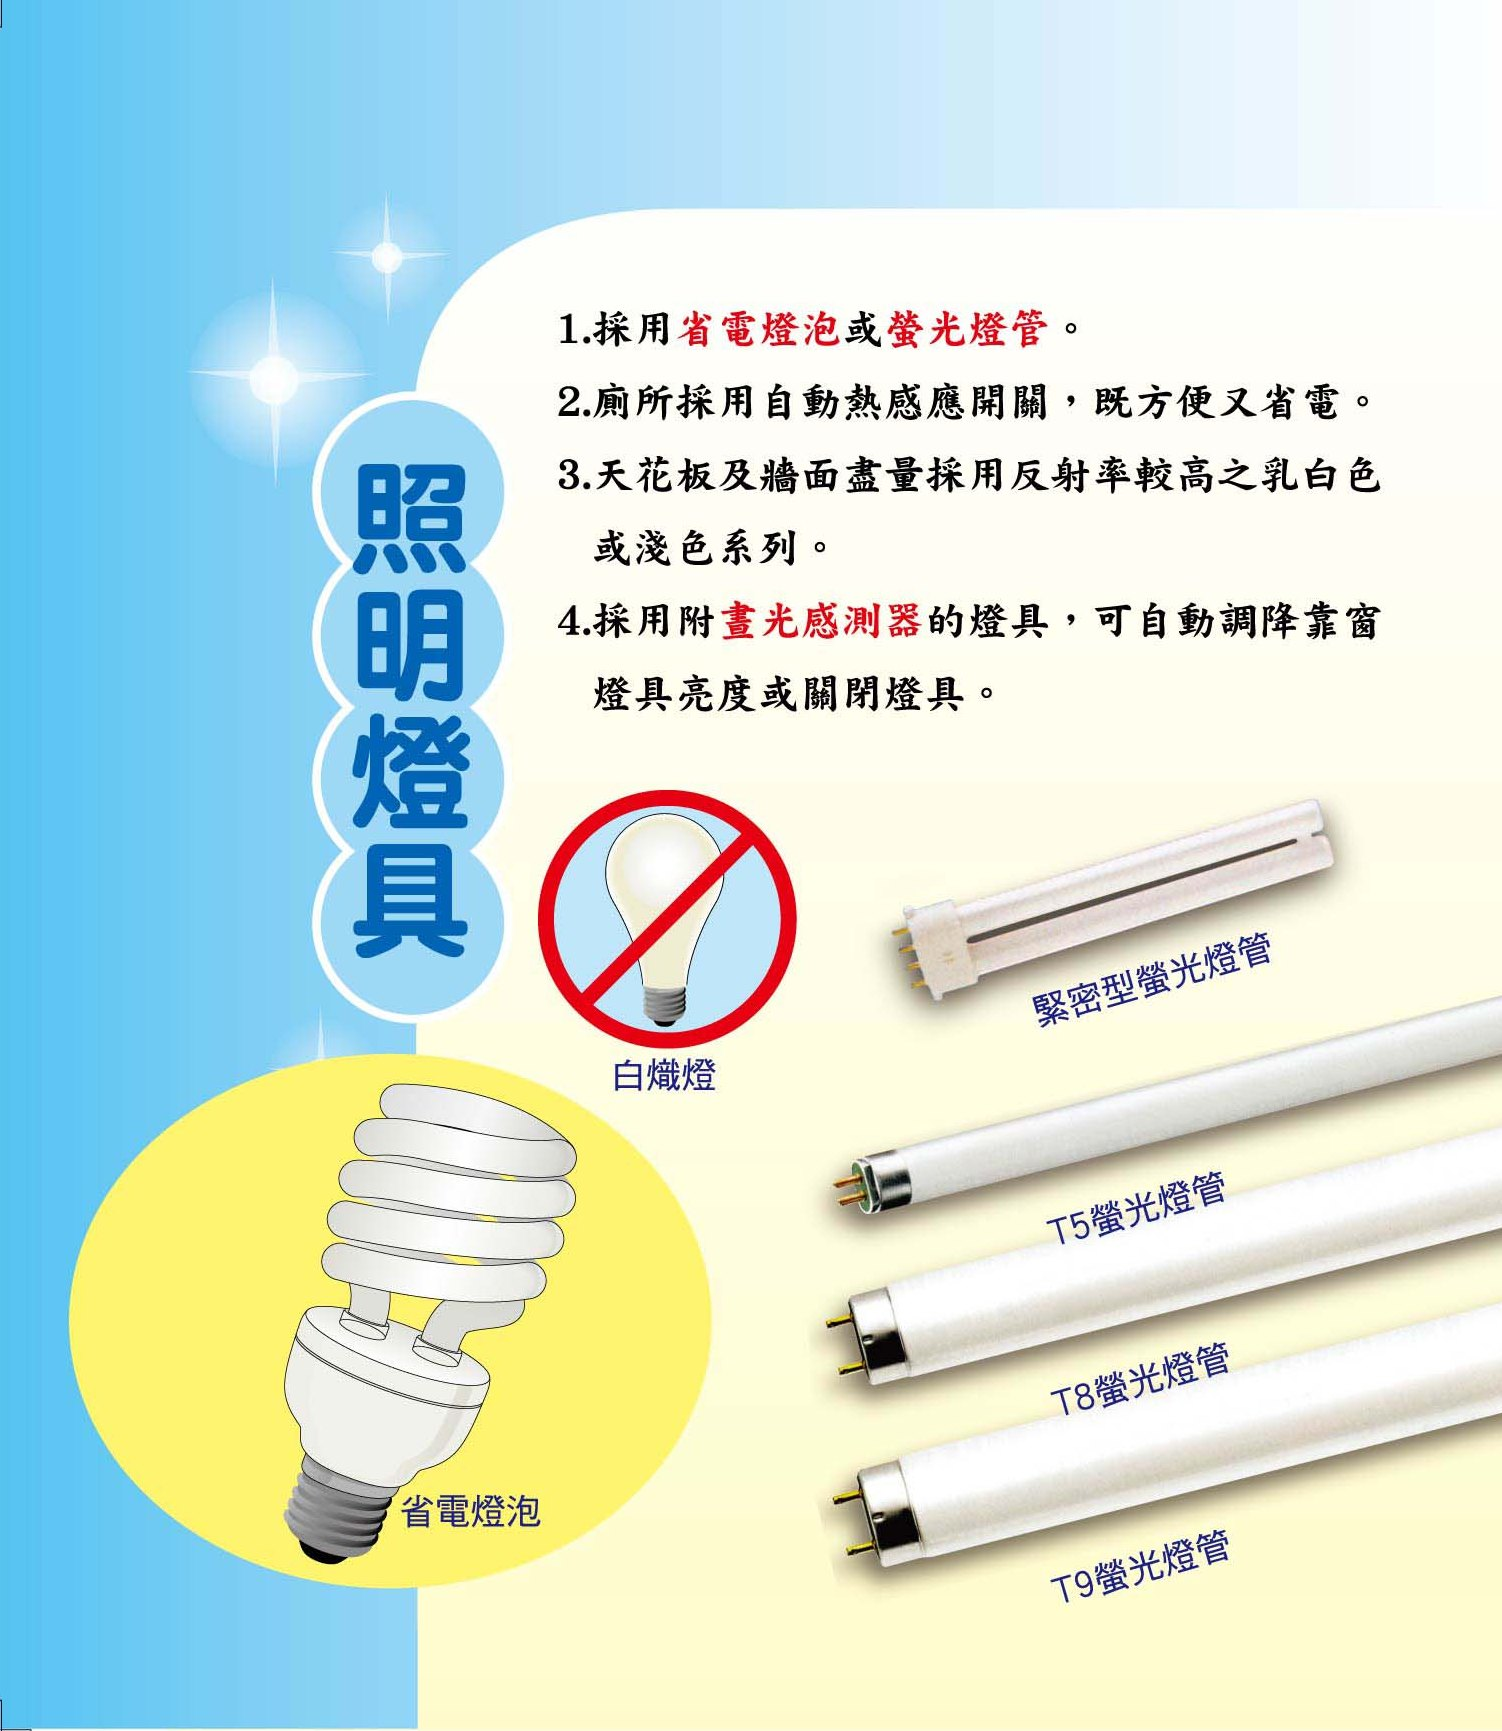 照明燈具省電方法